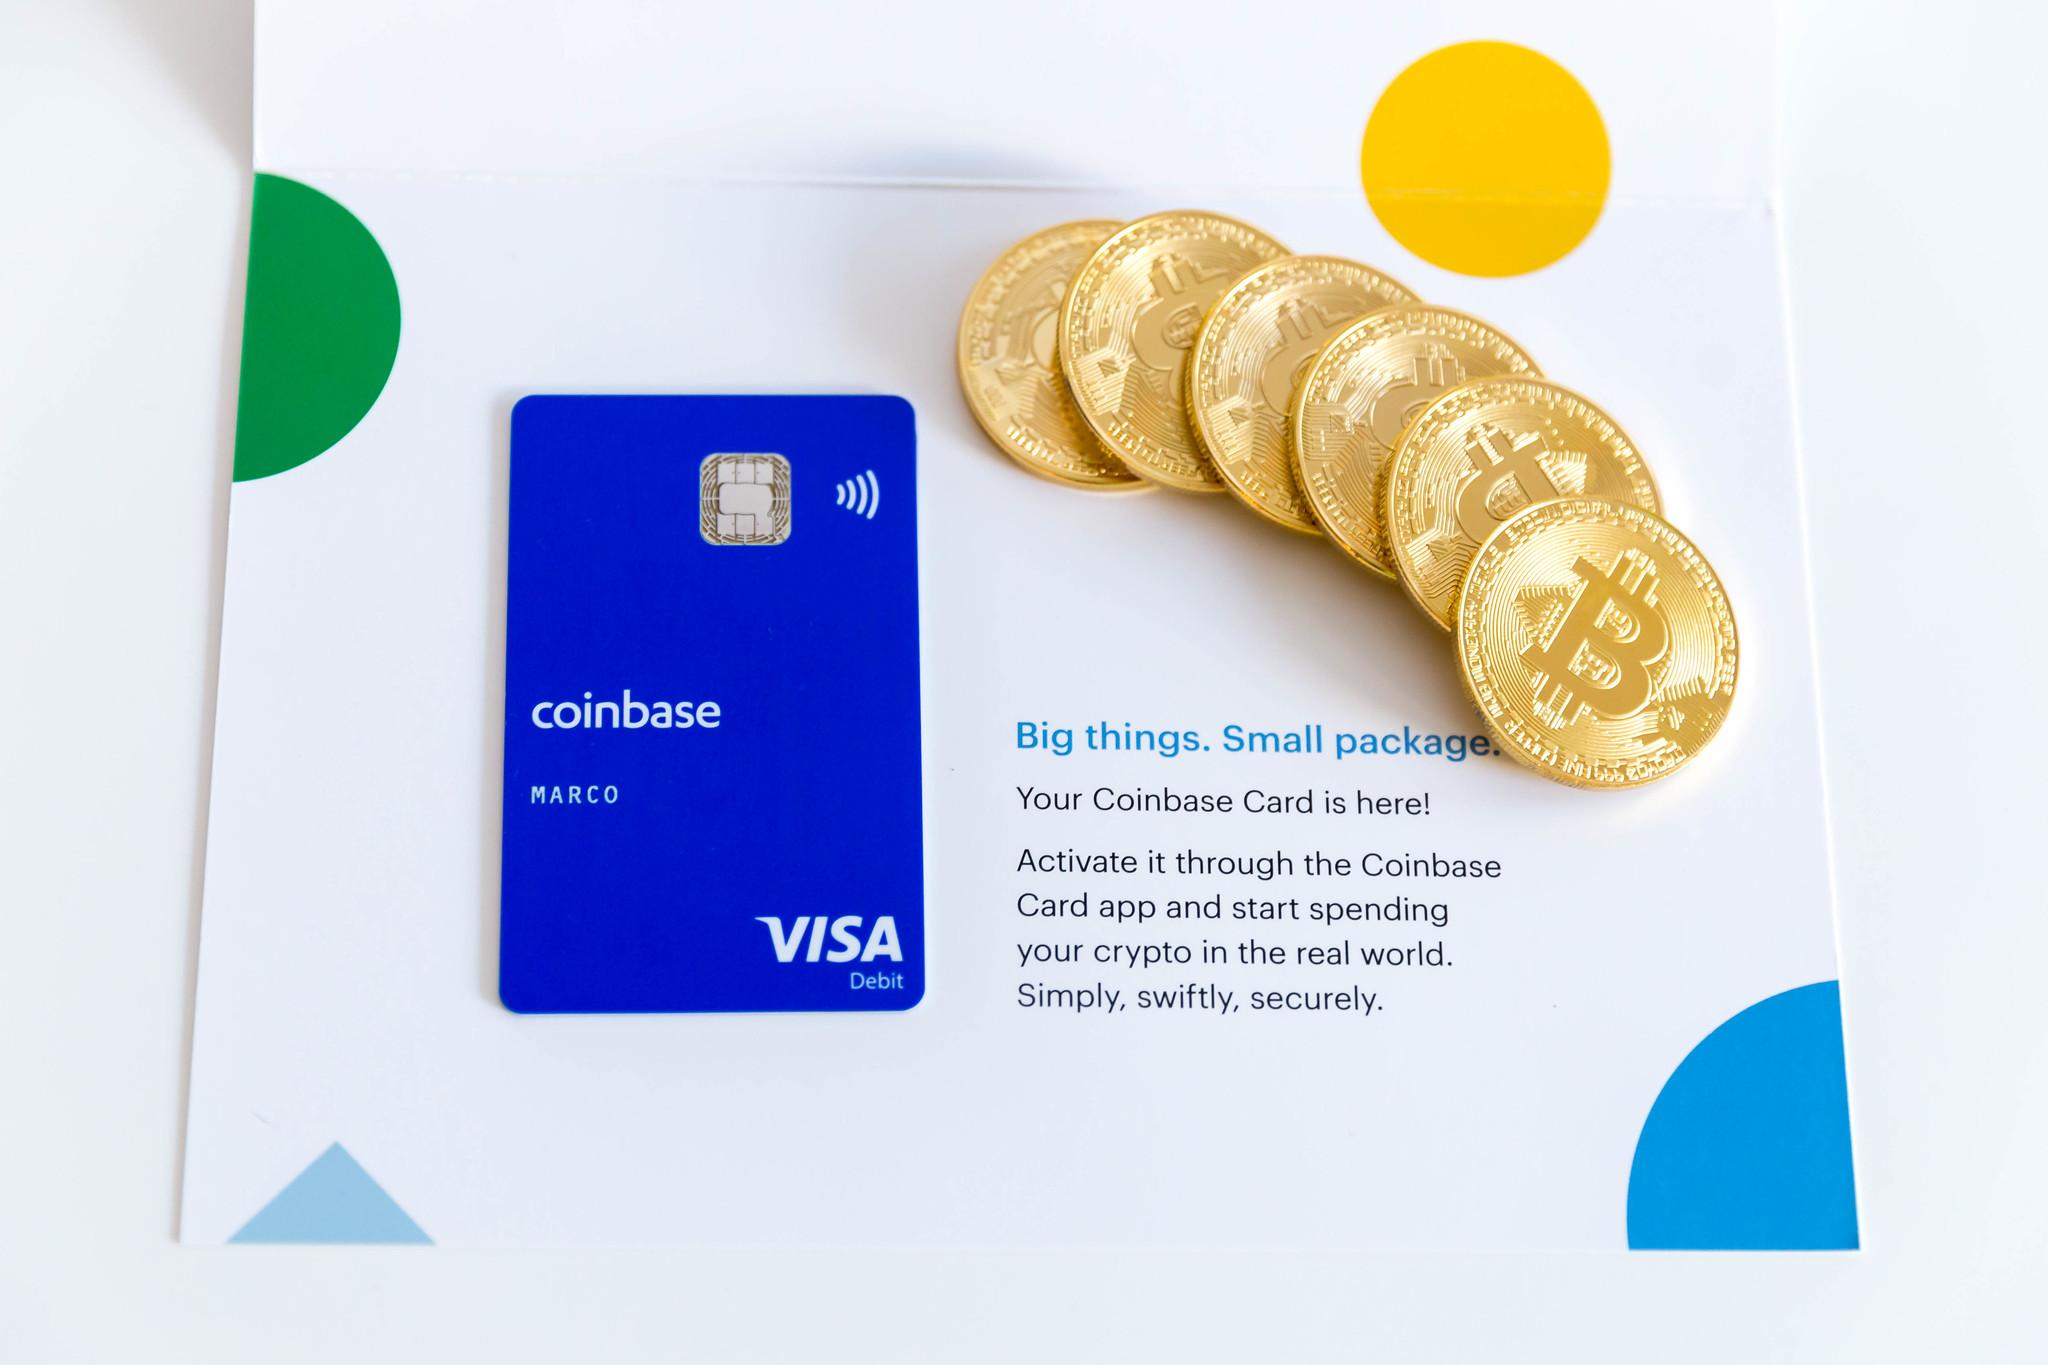 Bitcoin kreditkort Coinbase